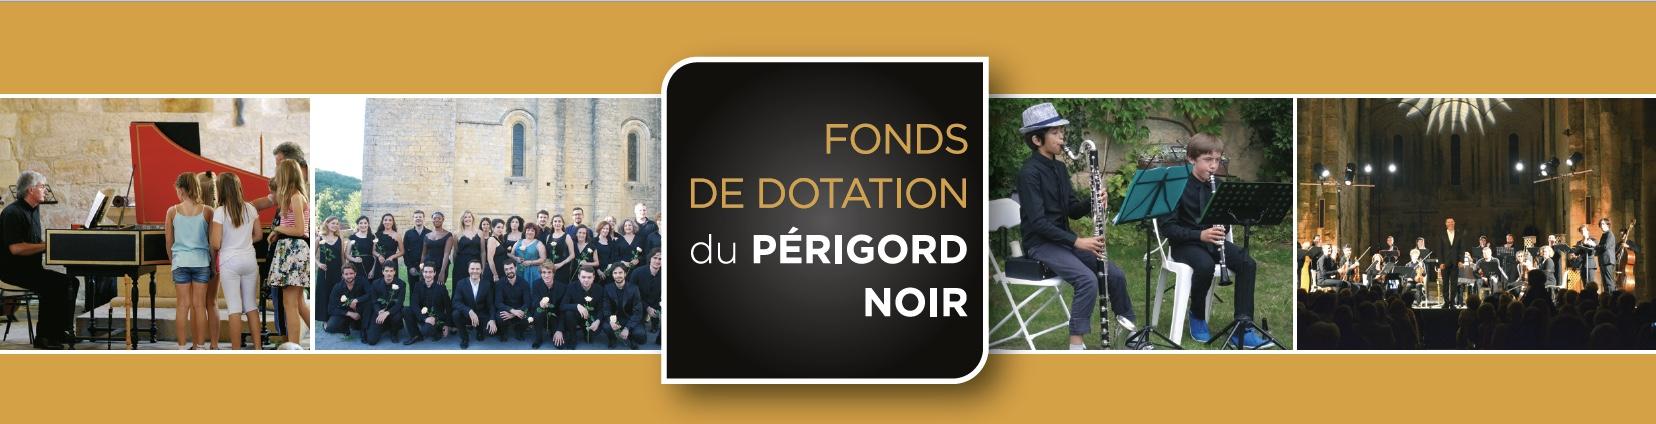 FDD du PERIGORD NOIR 2018